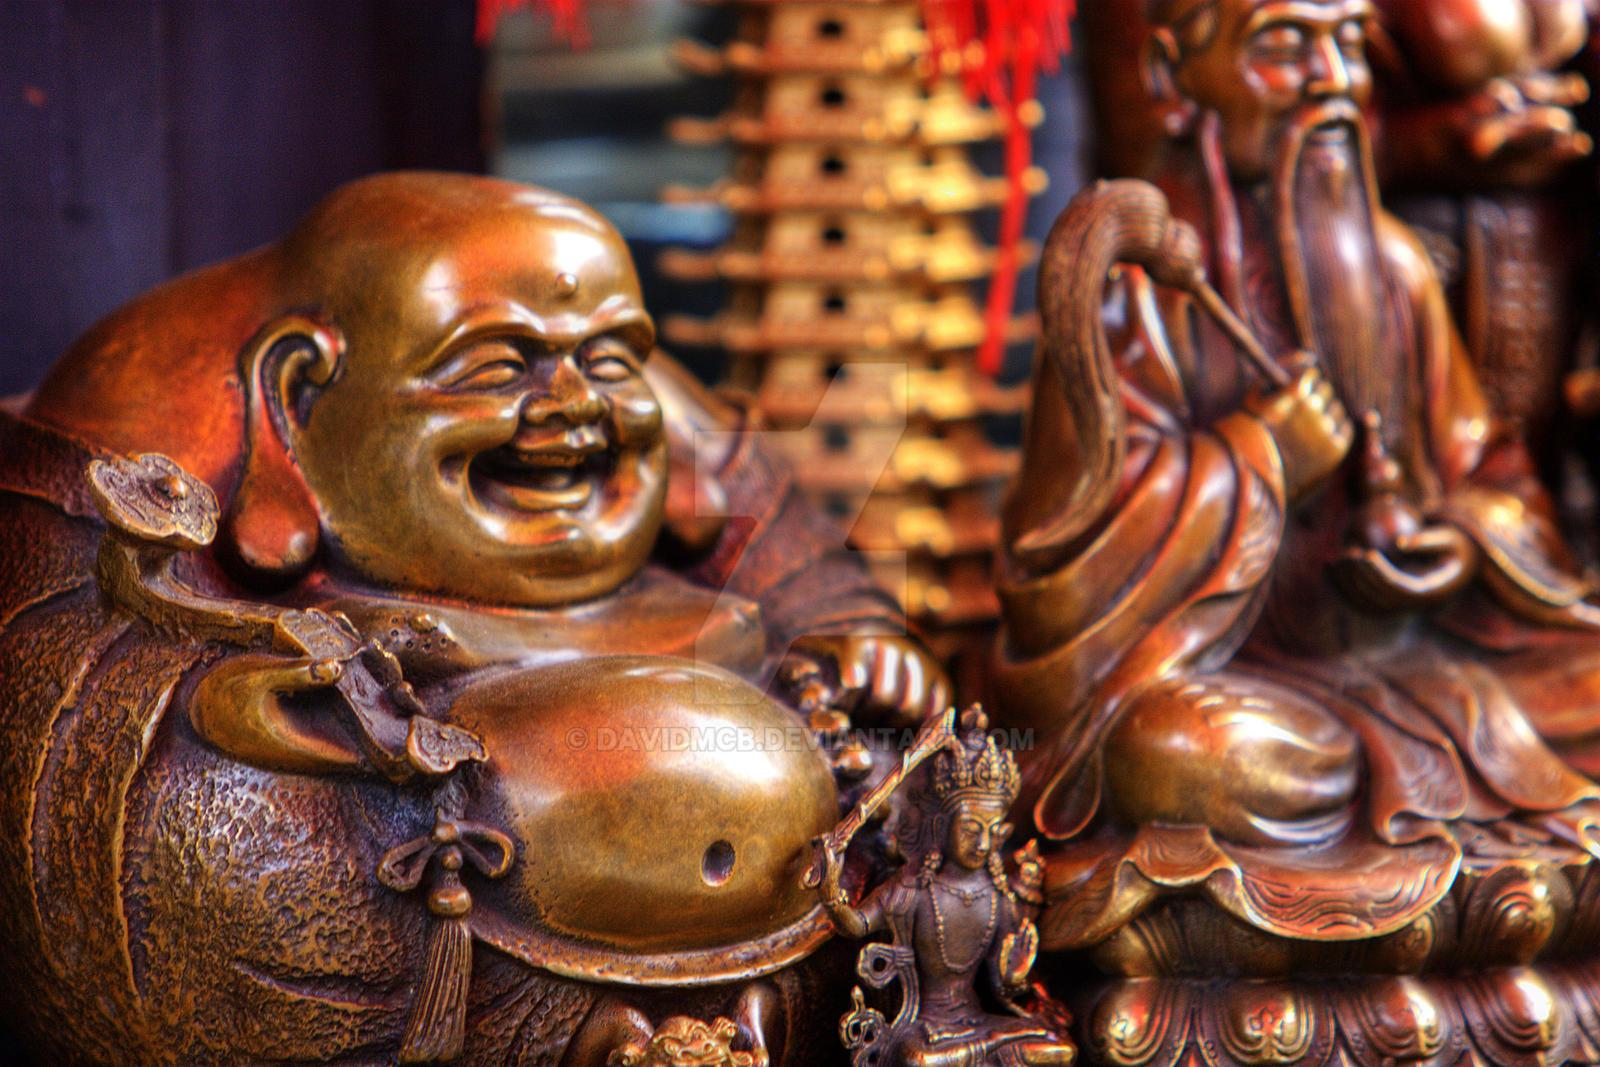 Maitreya Buddha by davidmcb